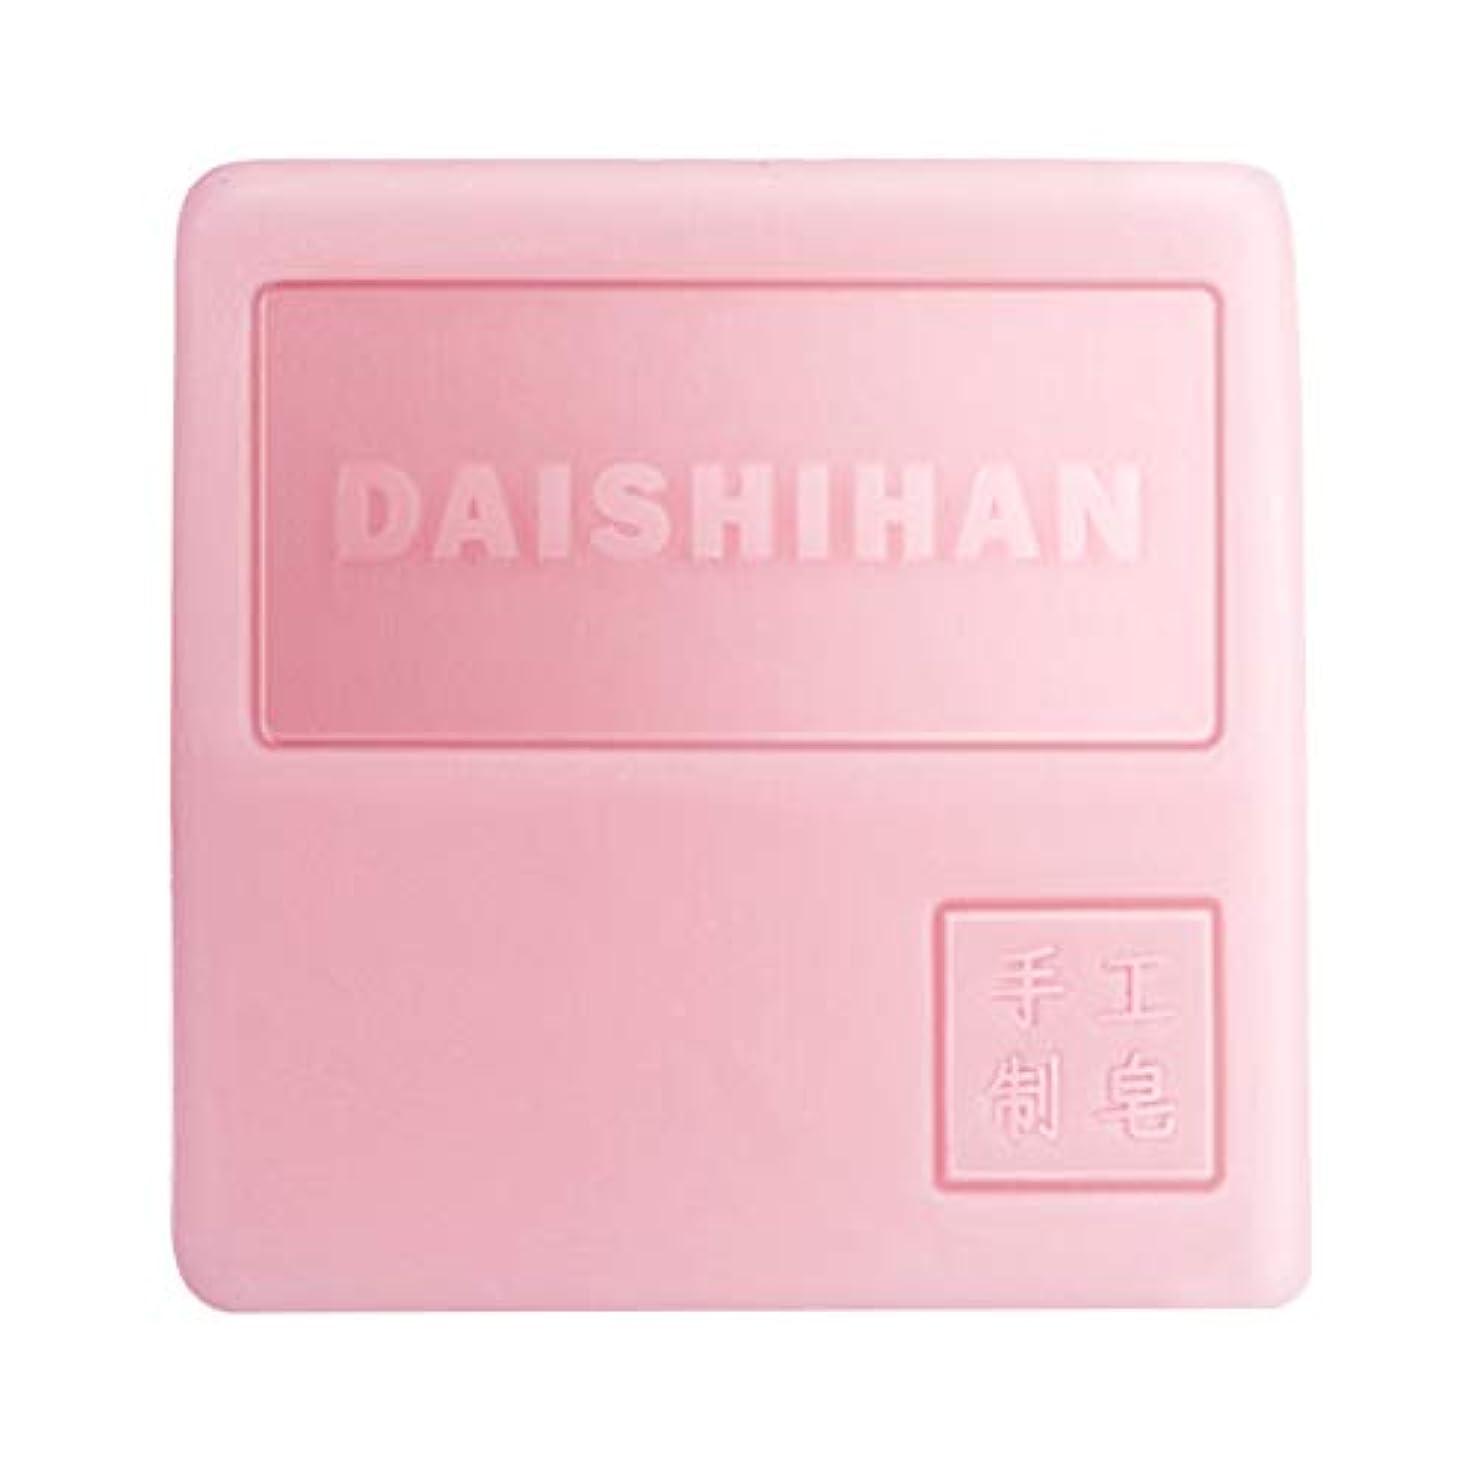 思い出す買い手参照するTOPBATHY Skin Whitening Soap Body Natural Handmade Soap Bar Women Private Body Bath Shower